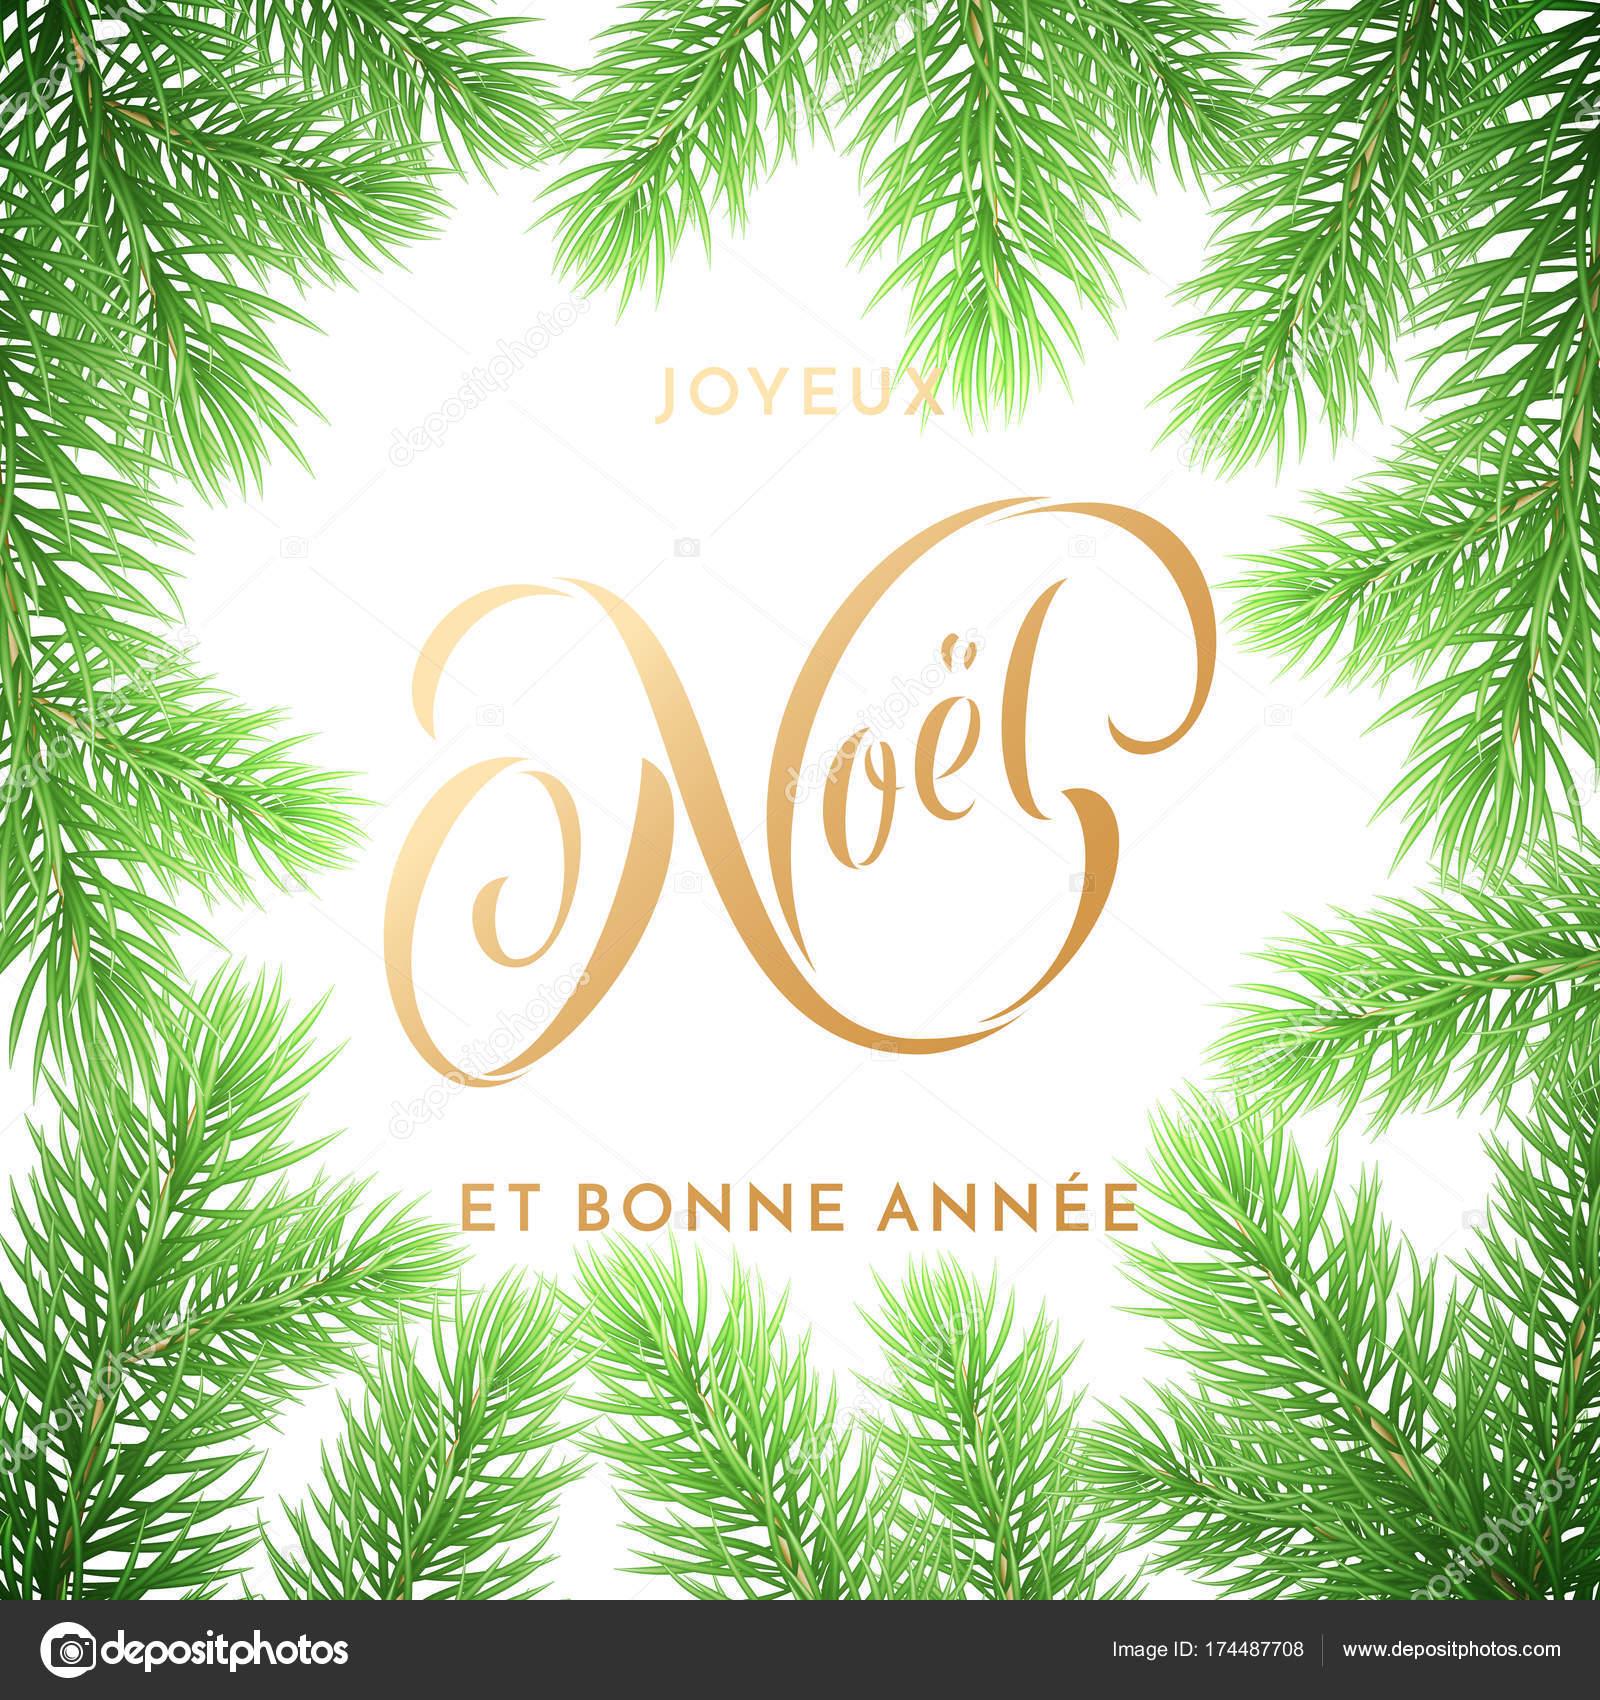 Auguri Di Buon Natale E Felice Anno Nuovo In Francese.Foto Di Bonne Noel Joyeux Noel Francese Buon Natale E Anno